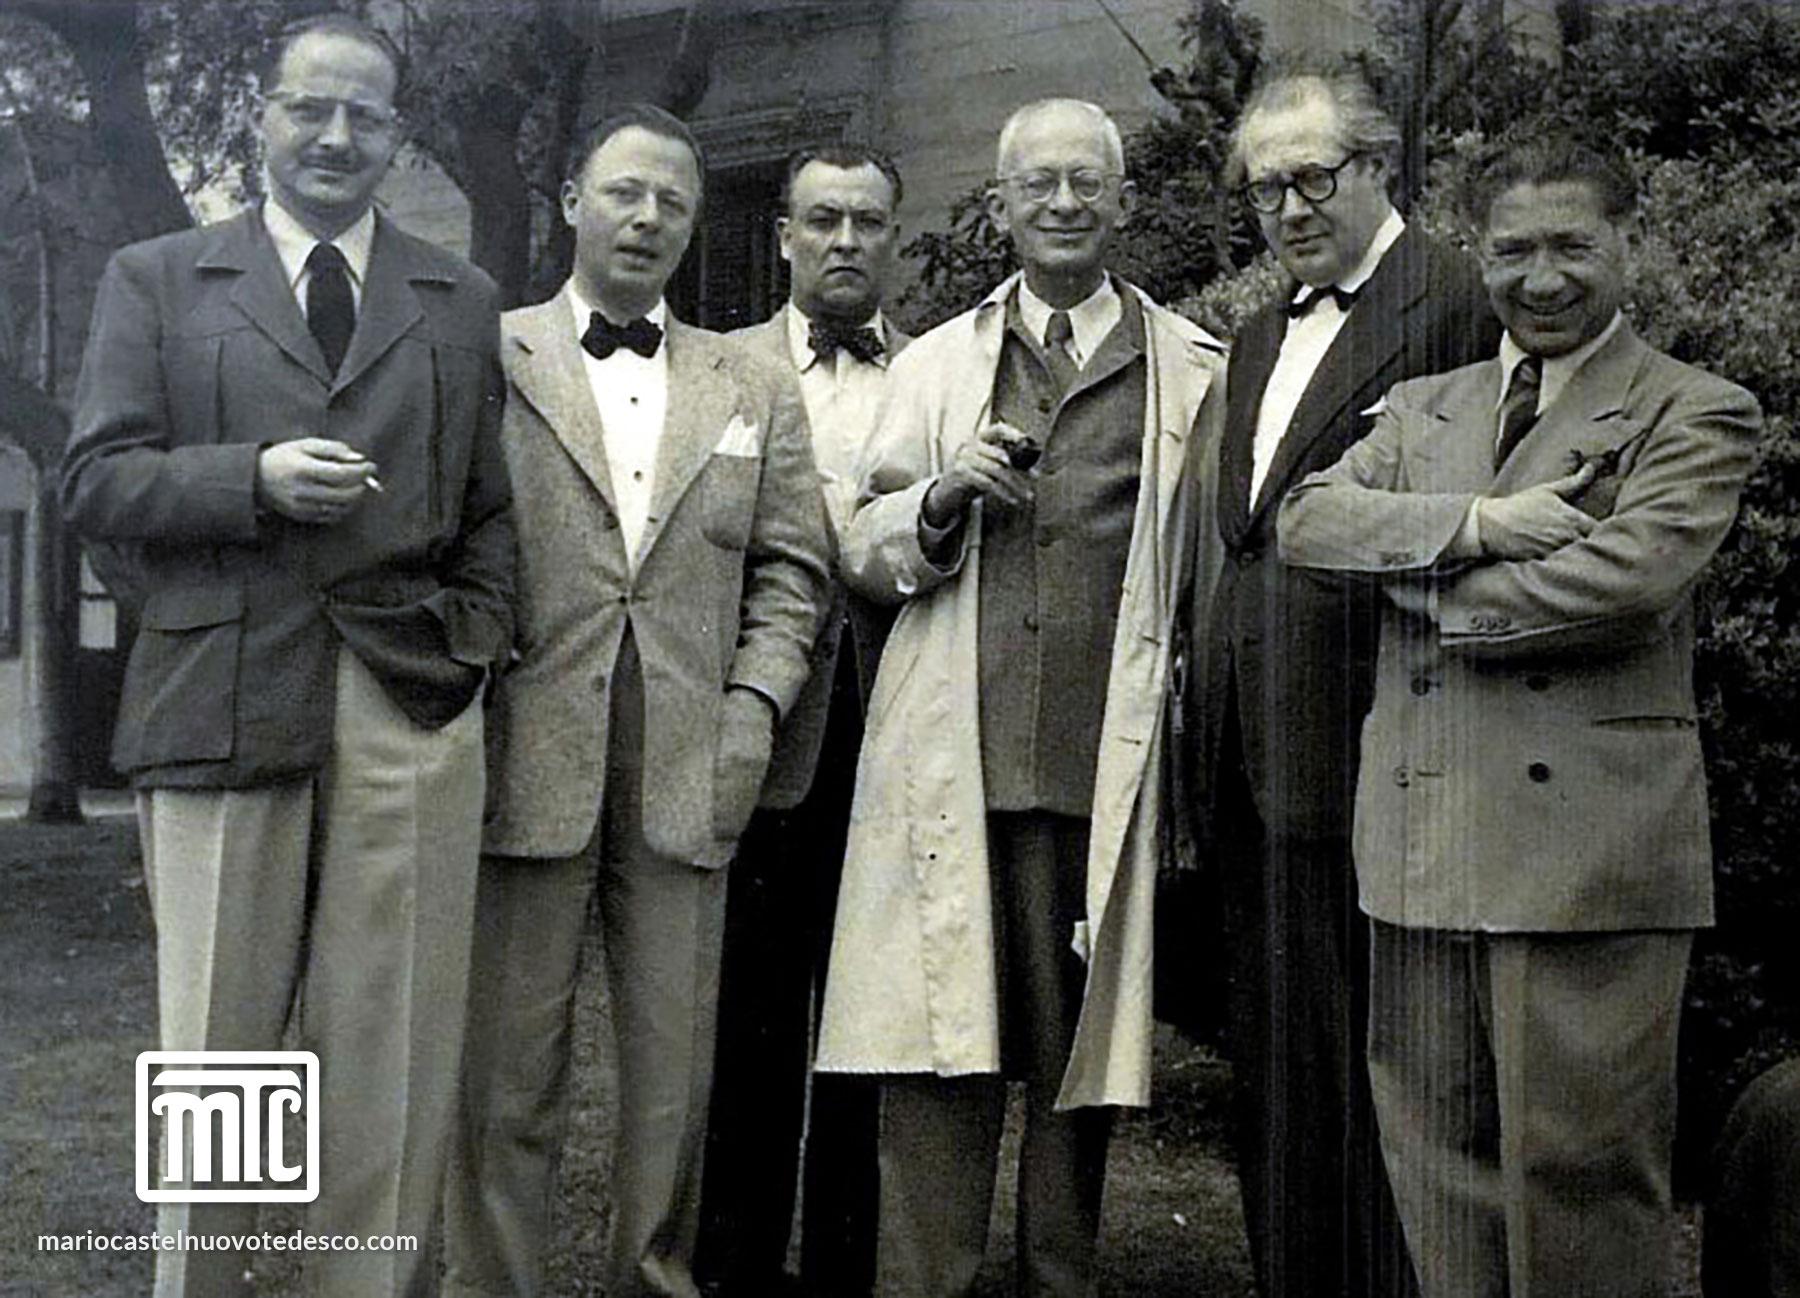 MCT, Segovia and the Paganini Quartet, 1951